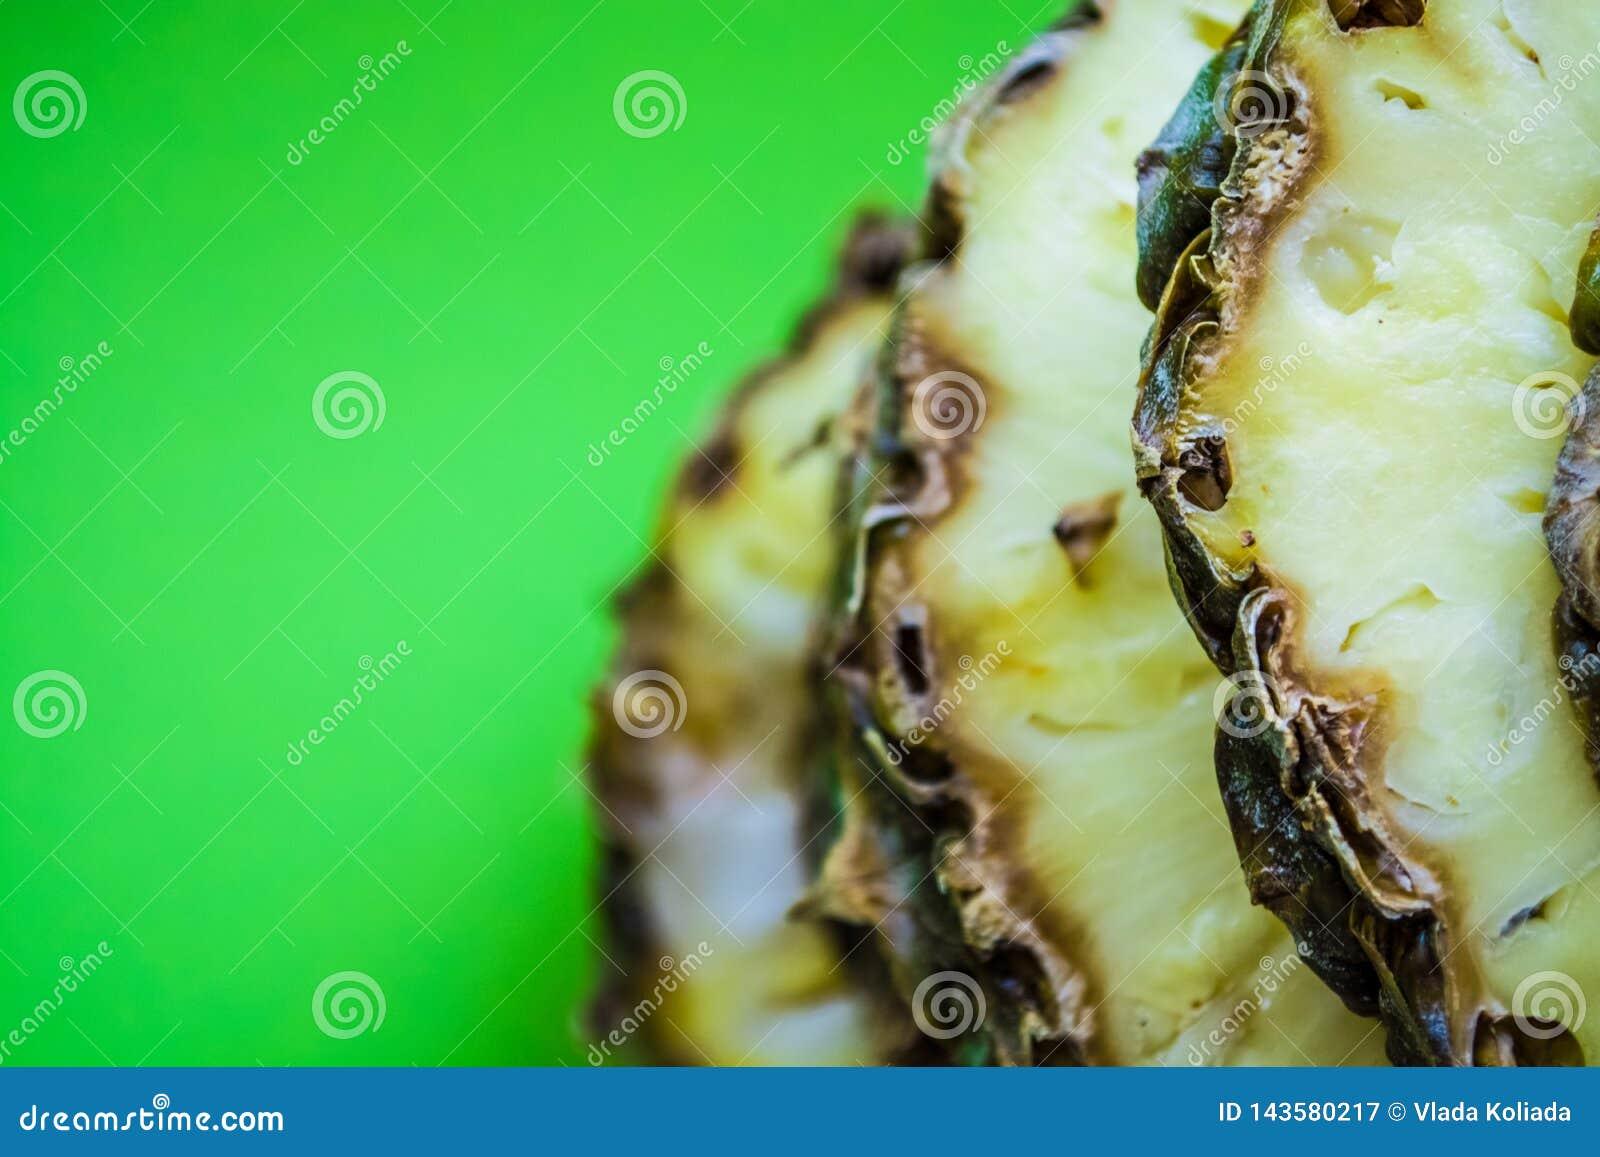 Τροπικό εσπεριδοειδές ο ανανάς που κόβεται στα δαχτυλίδια σε ένα πράσινο υπόβαθρο r Εξωτικός του καλοκαιριού